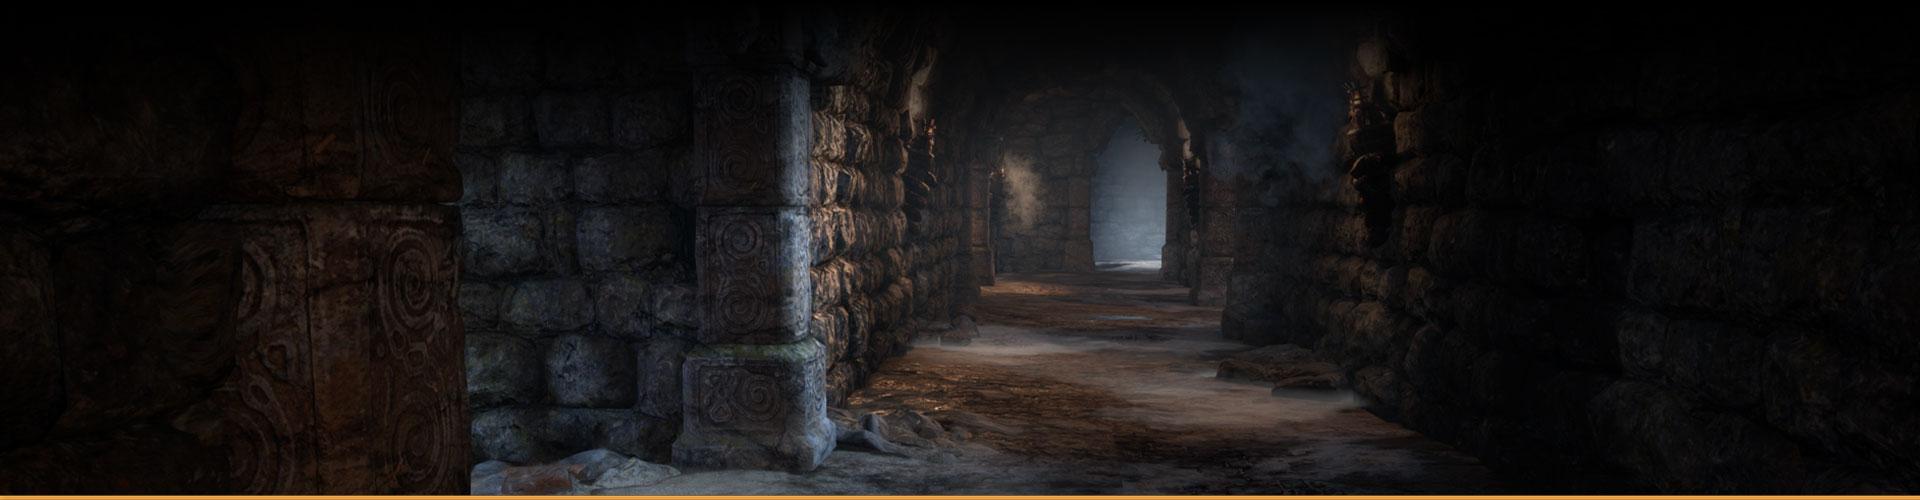 Empty, dimly lit hallway made of stone